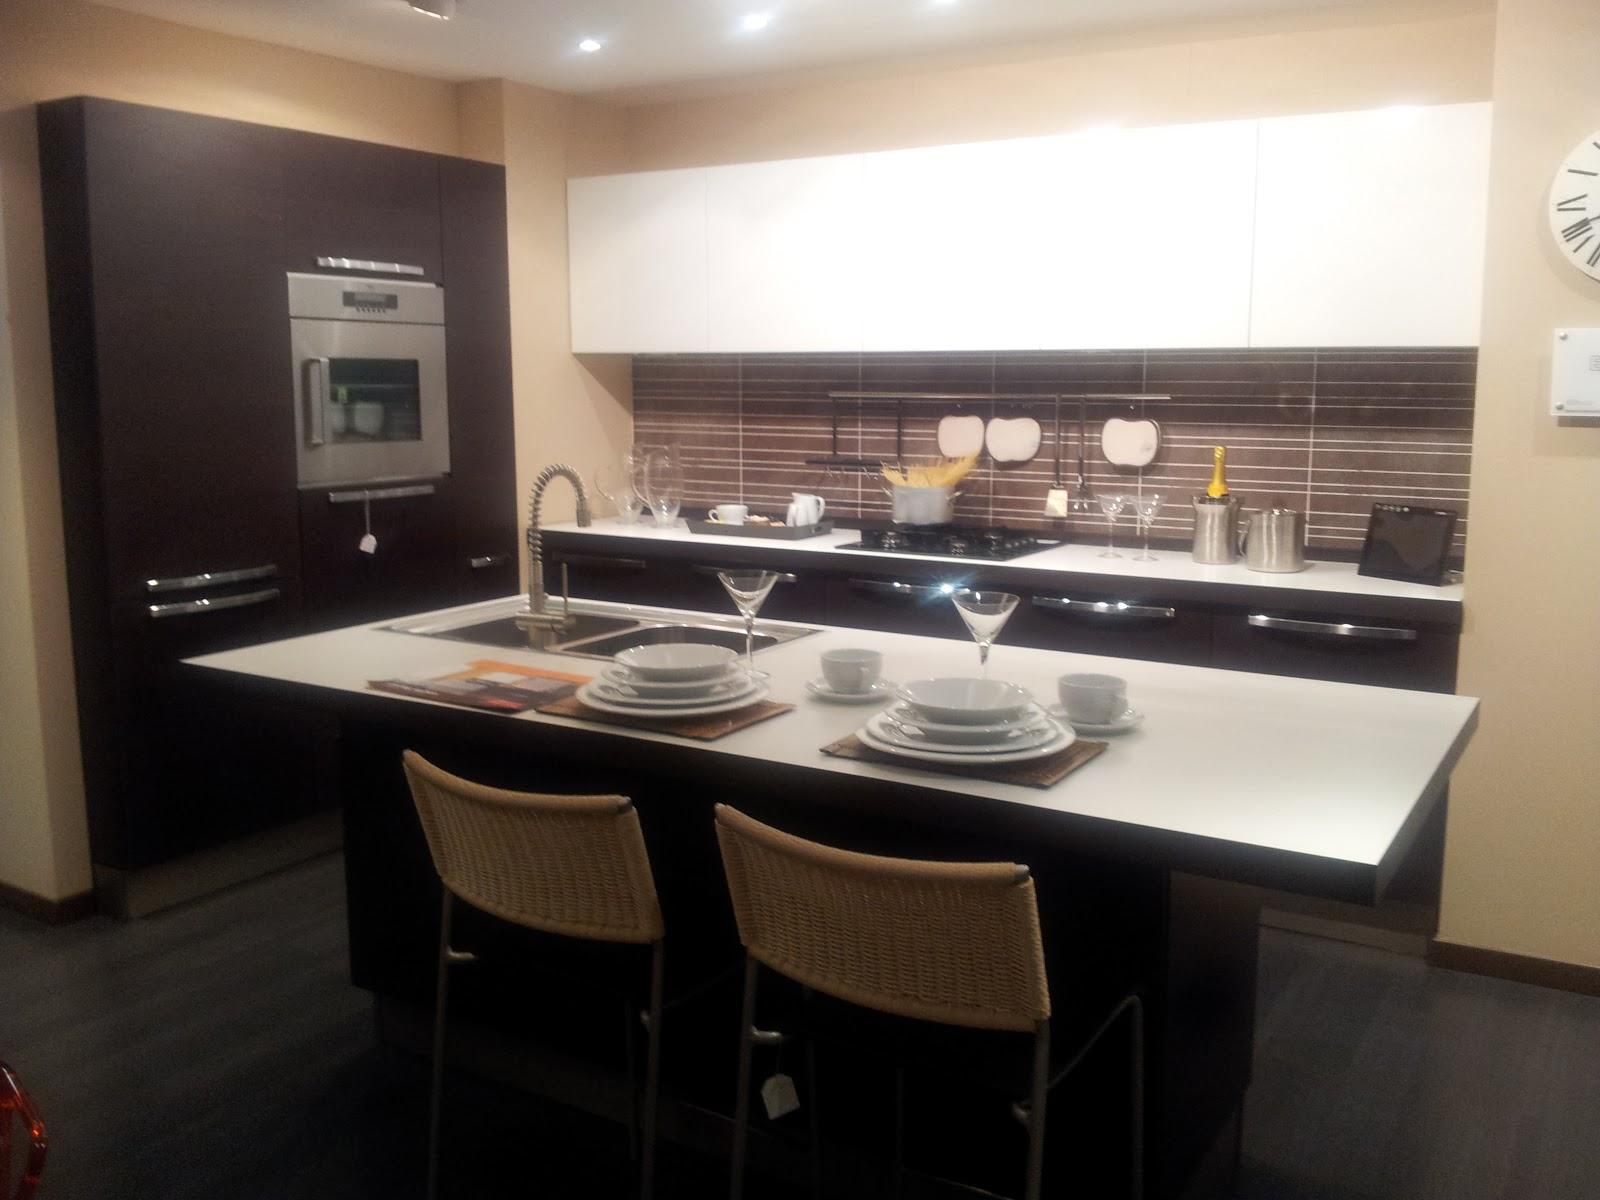 Domus arredi si parte al lavoro per rinnovare tutto il centro cucine veneta cucine - Veneta cucine tulipano ...